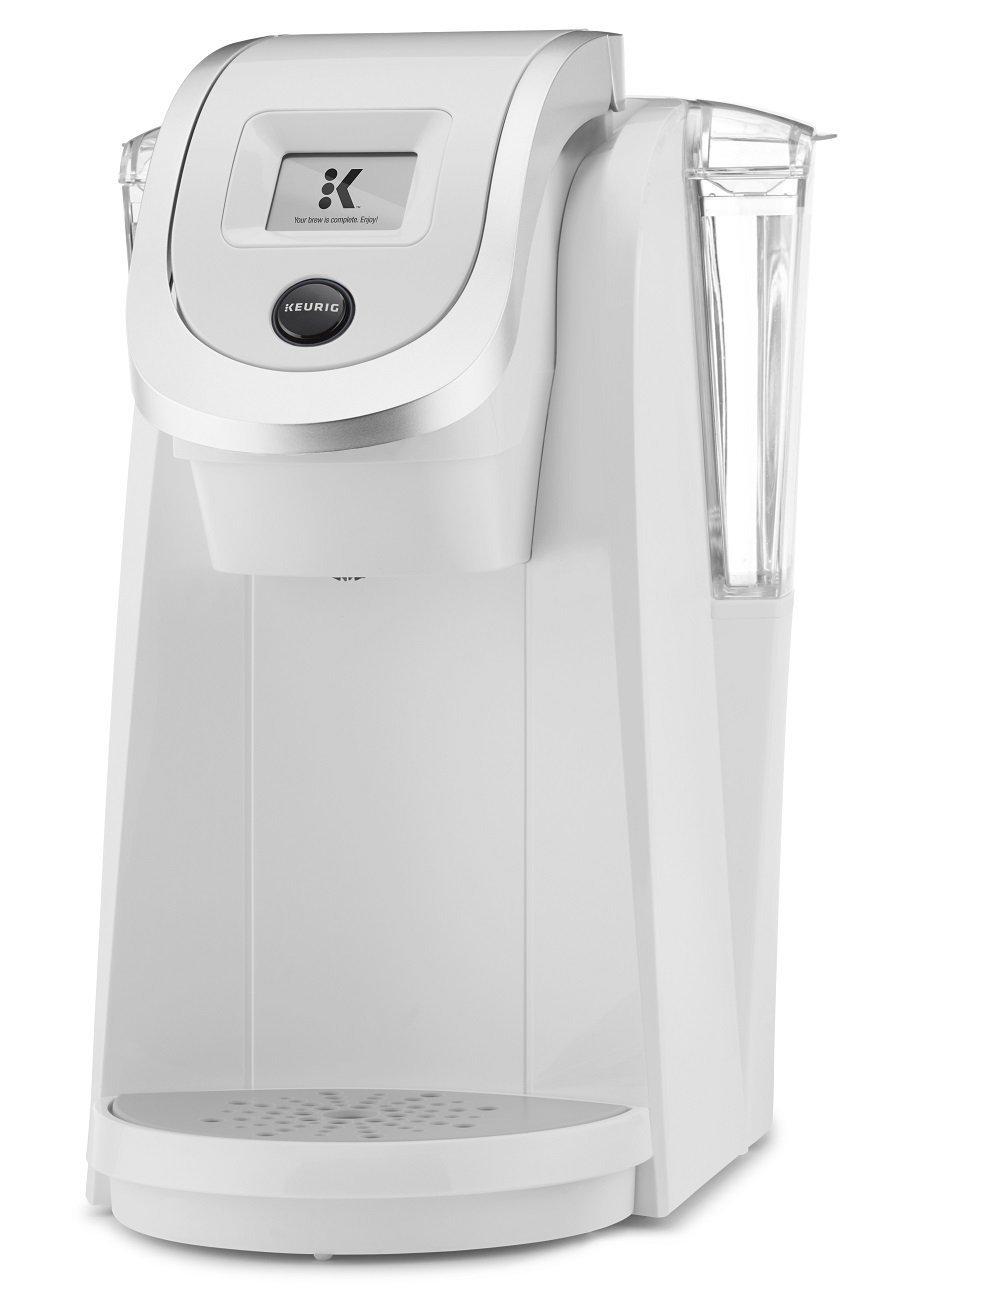 Keurig_k250_coffee_maker